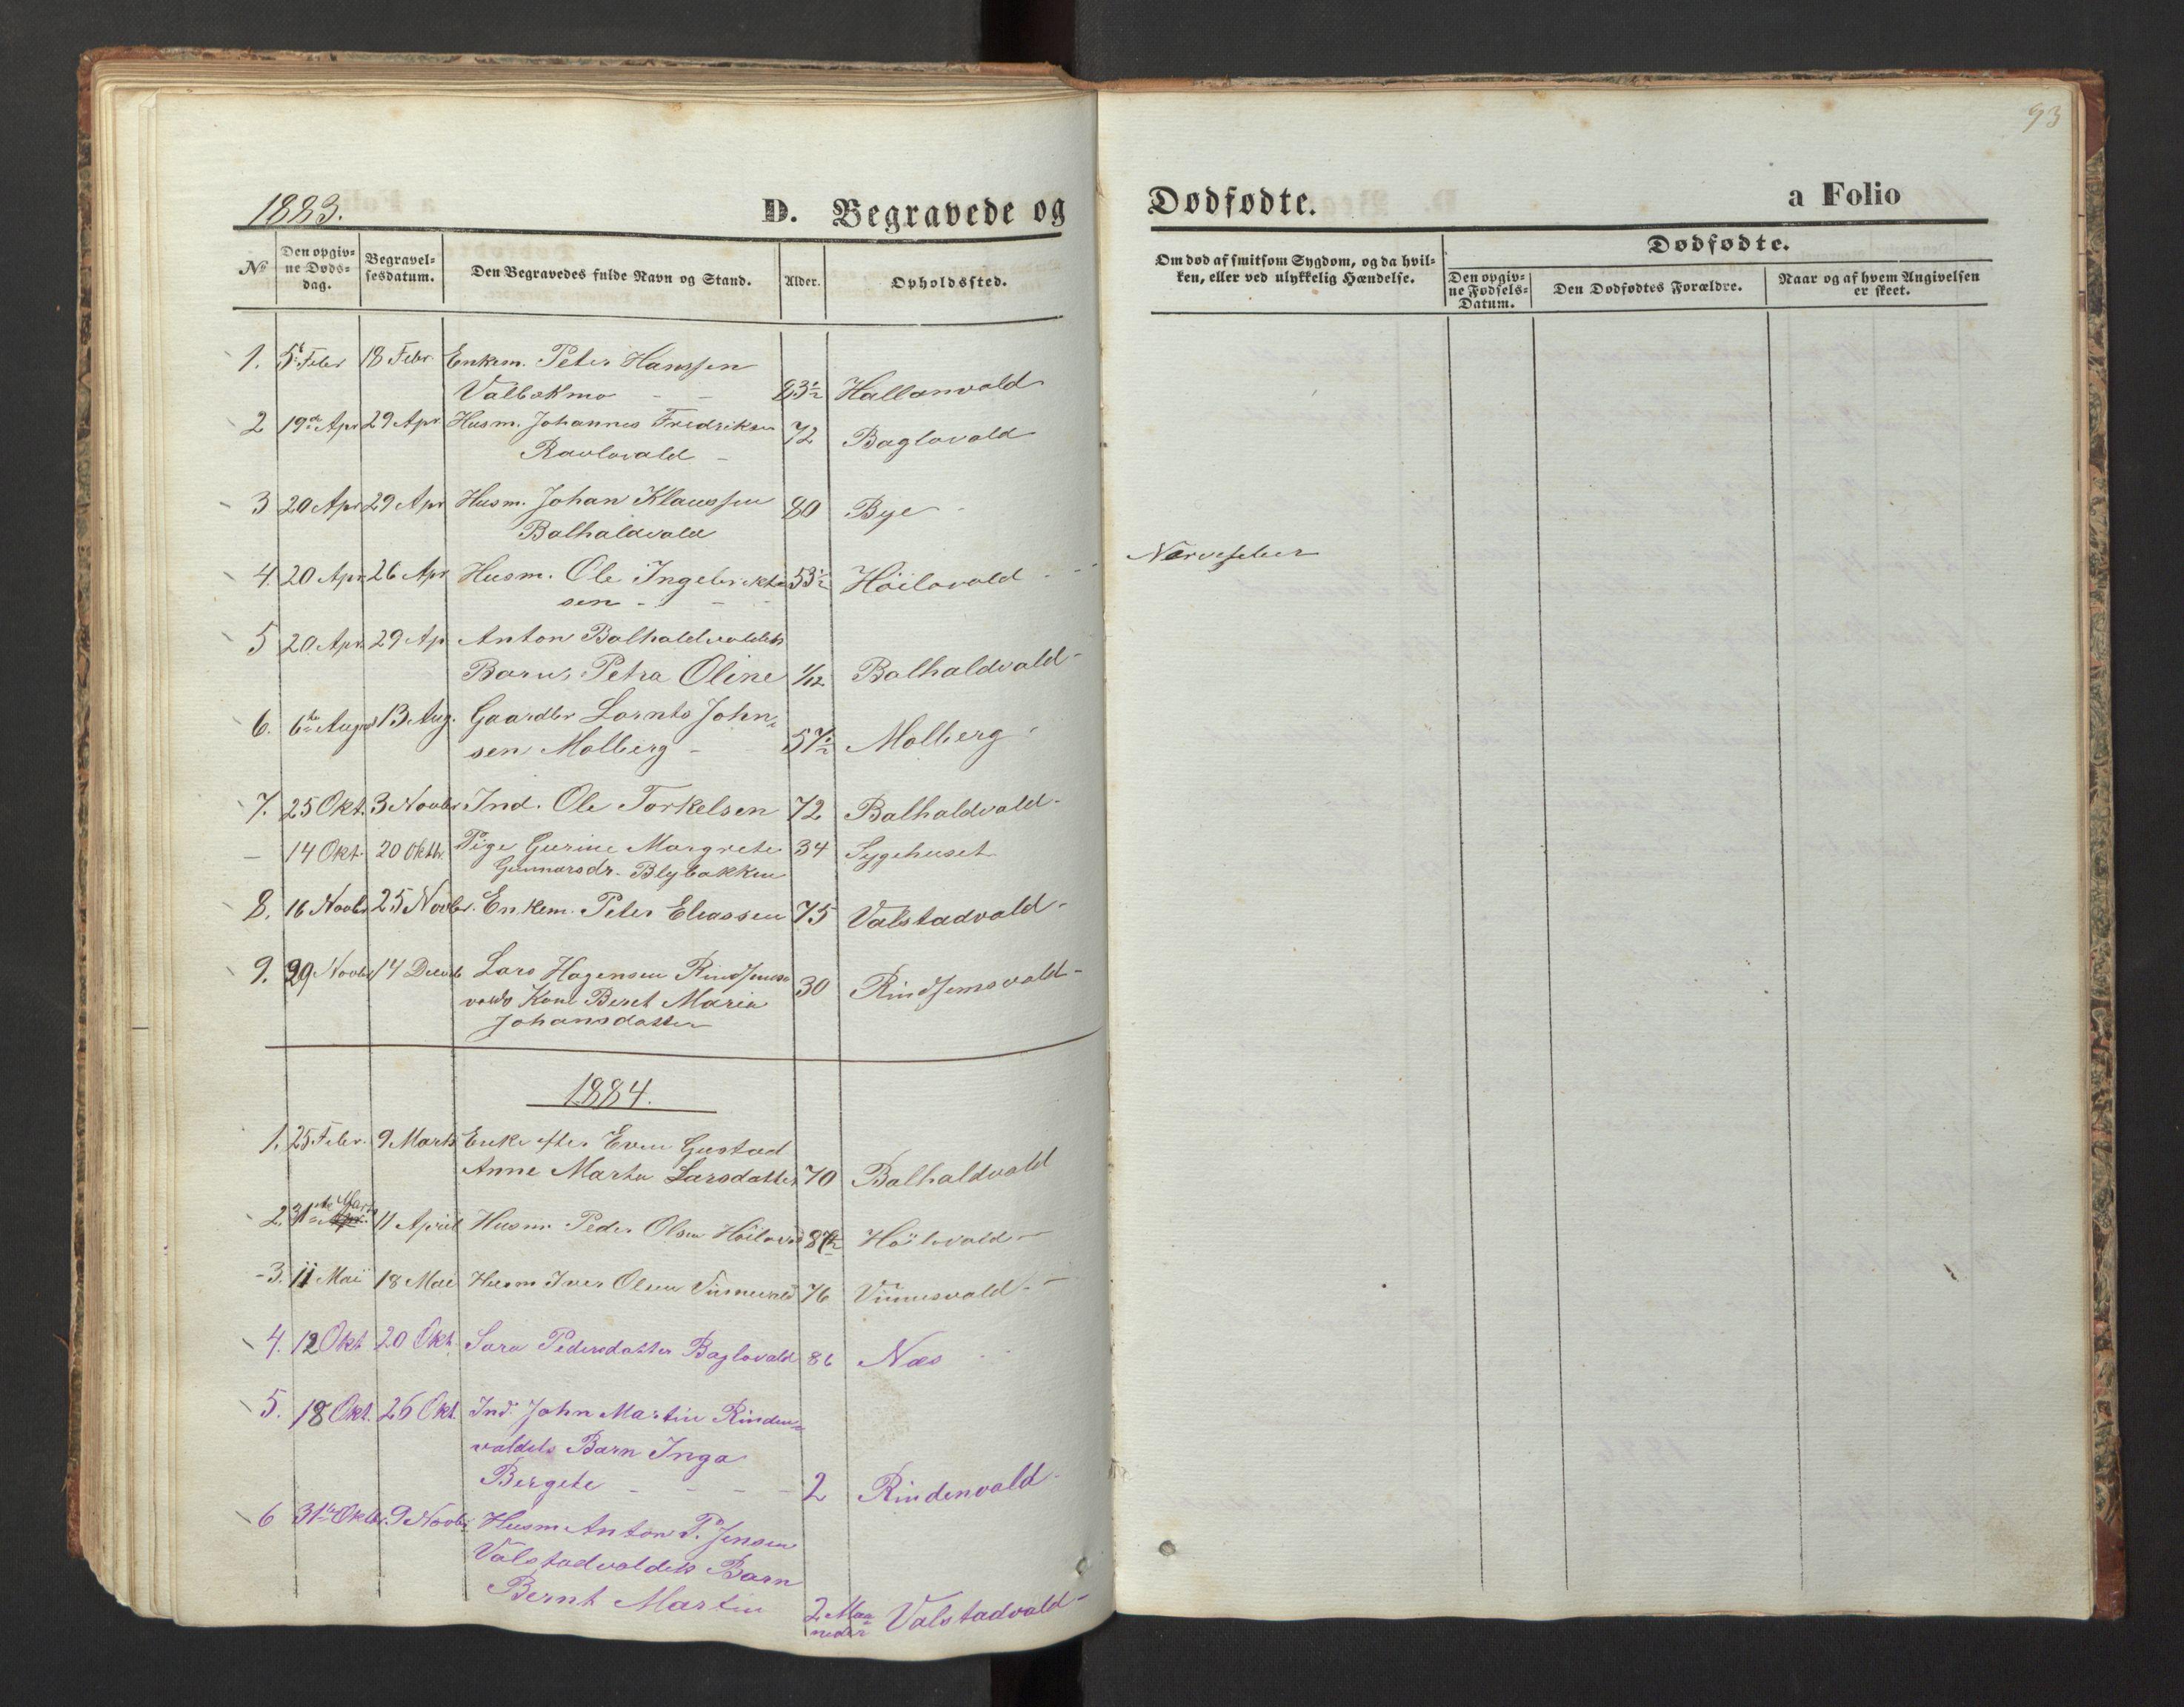 SAT, Ministerialprotokoller, klokkerbøker og fødselsregistre - Nord-Trøndelag, 726/L0271: Klokkerbok nr. 726C02, 1869-1897, s. 93